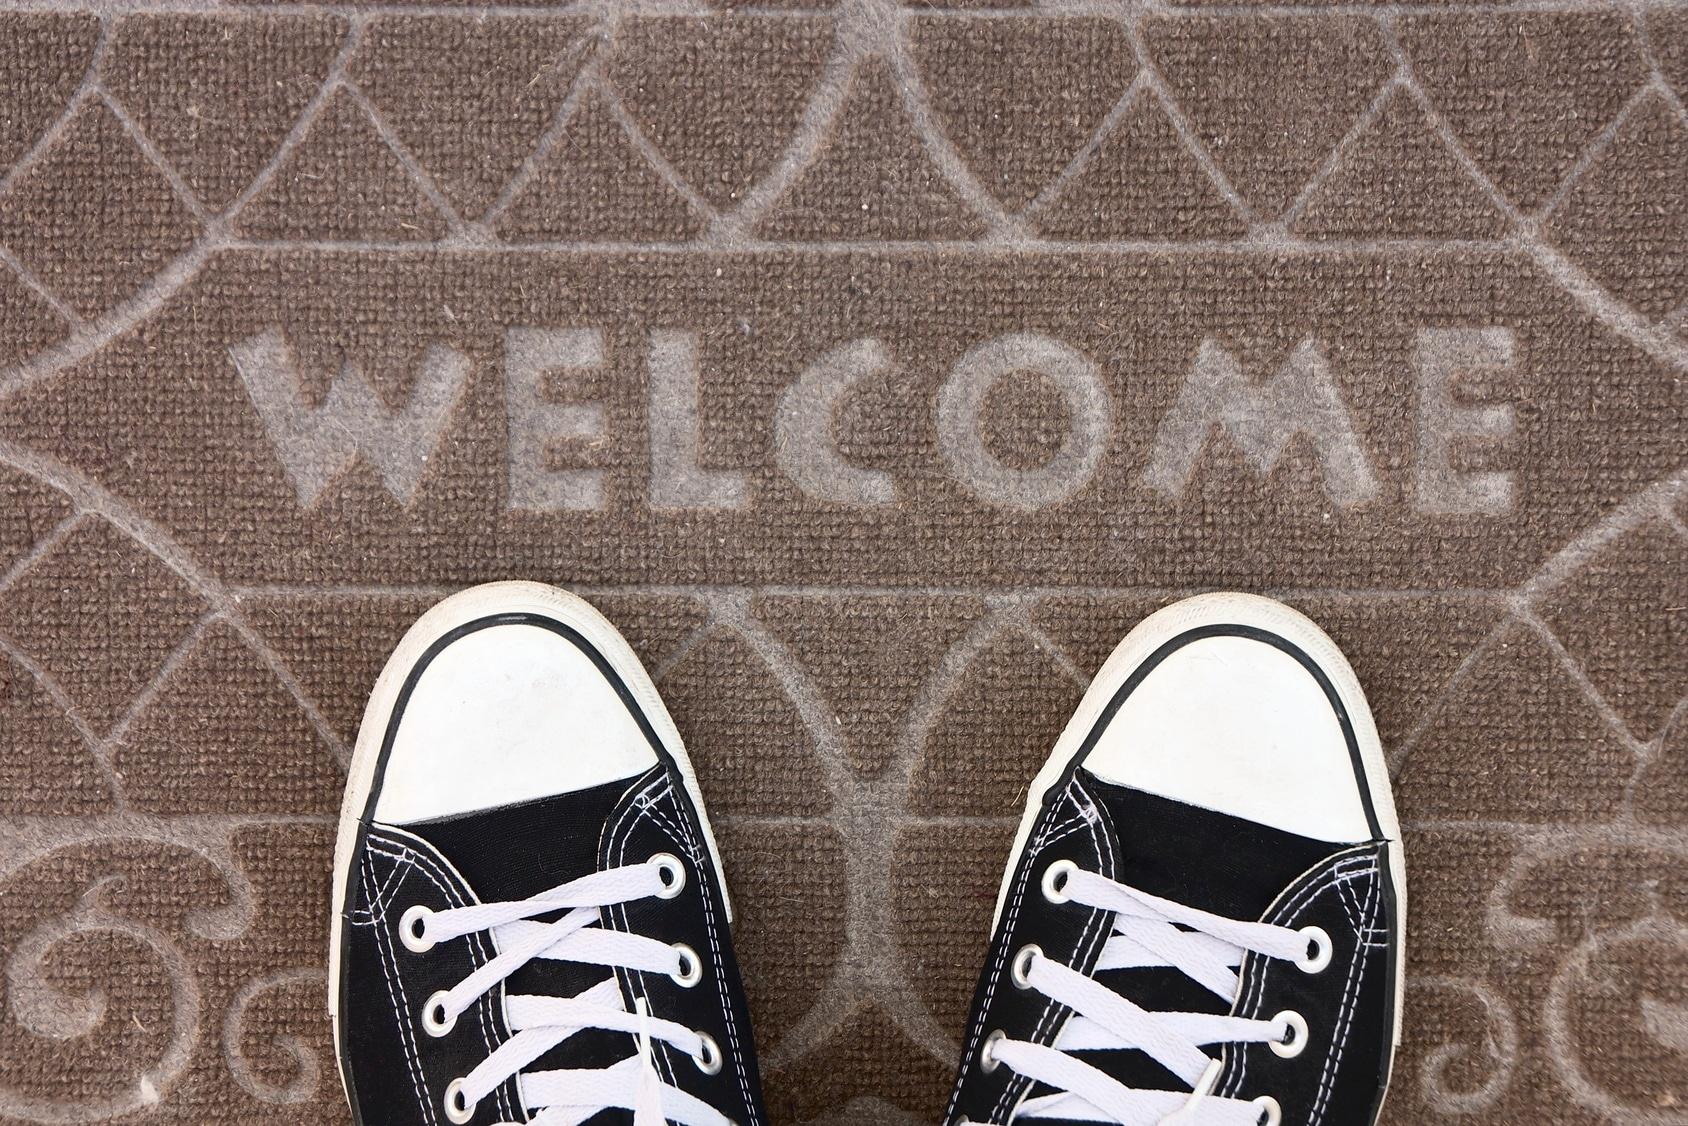 Zwei Füße auf einer Fußmatte auf der 'Welcome' steht